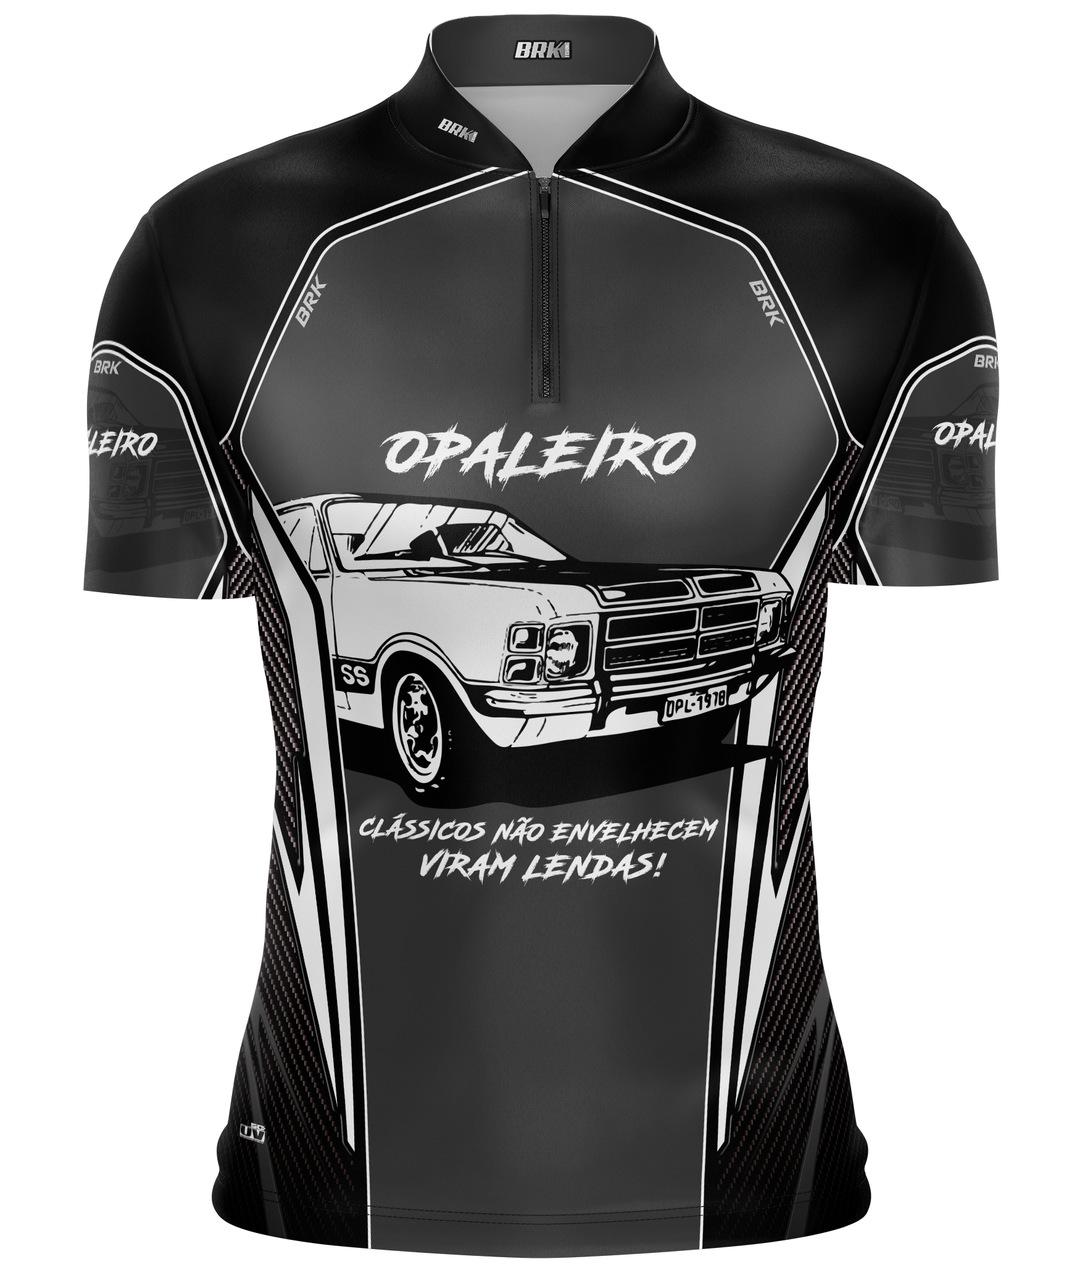 Camisa de Carros Antigos Brk Opala Preto com Proteção UV 50+